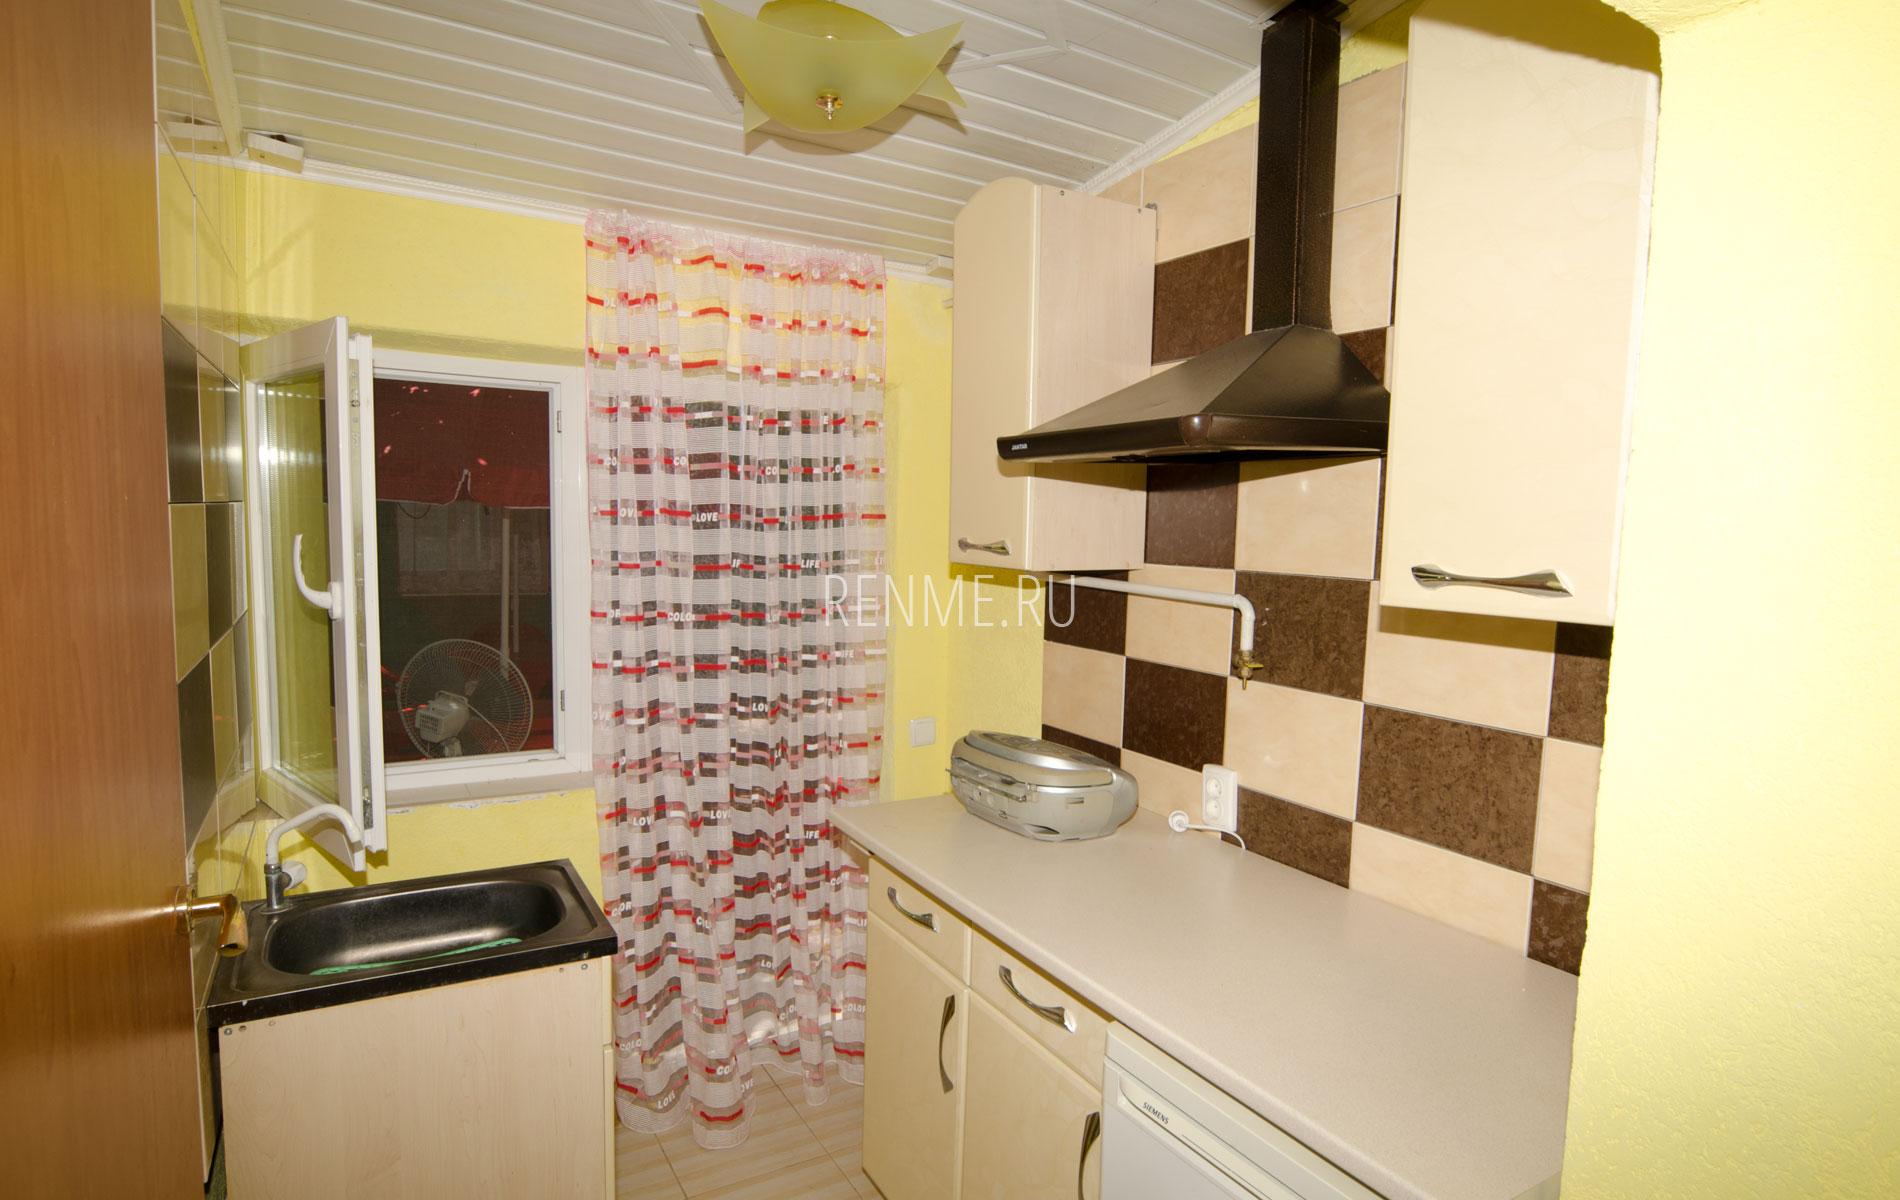 """Кухня в квартире. Квартира 4. Апарт-отель """"Берюзовый Бриз"""". Заозёрное"""